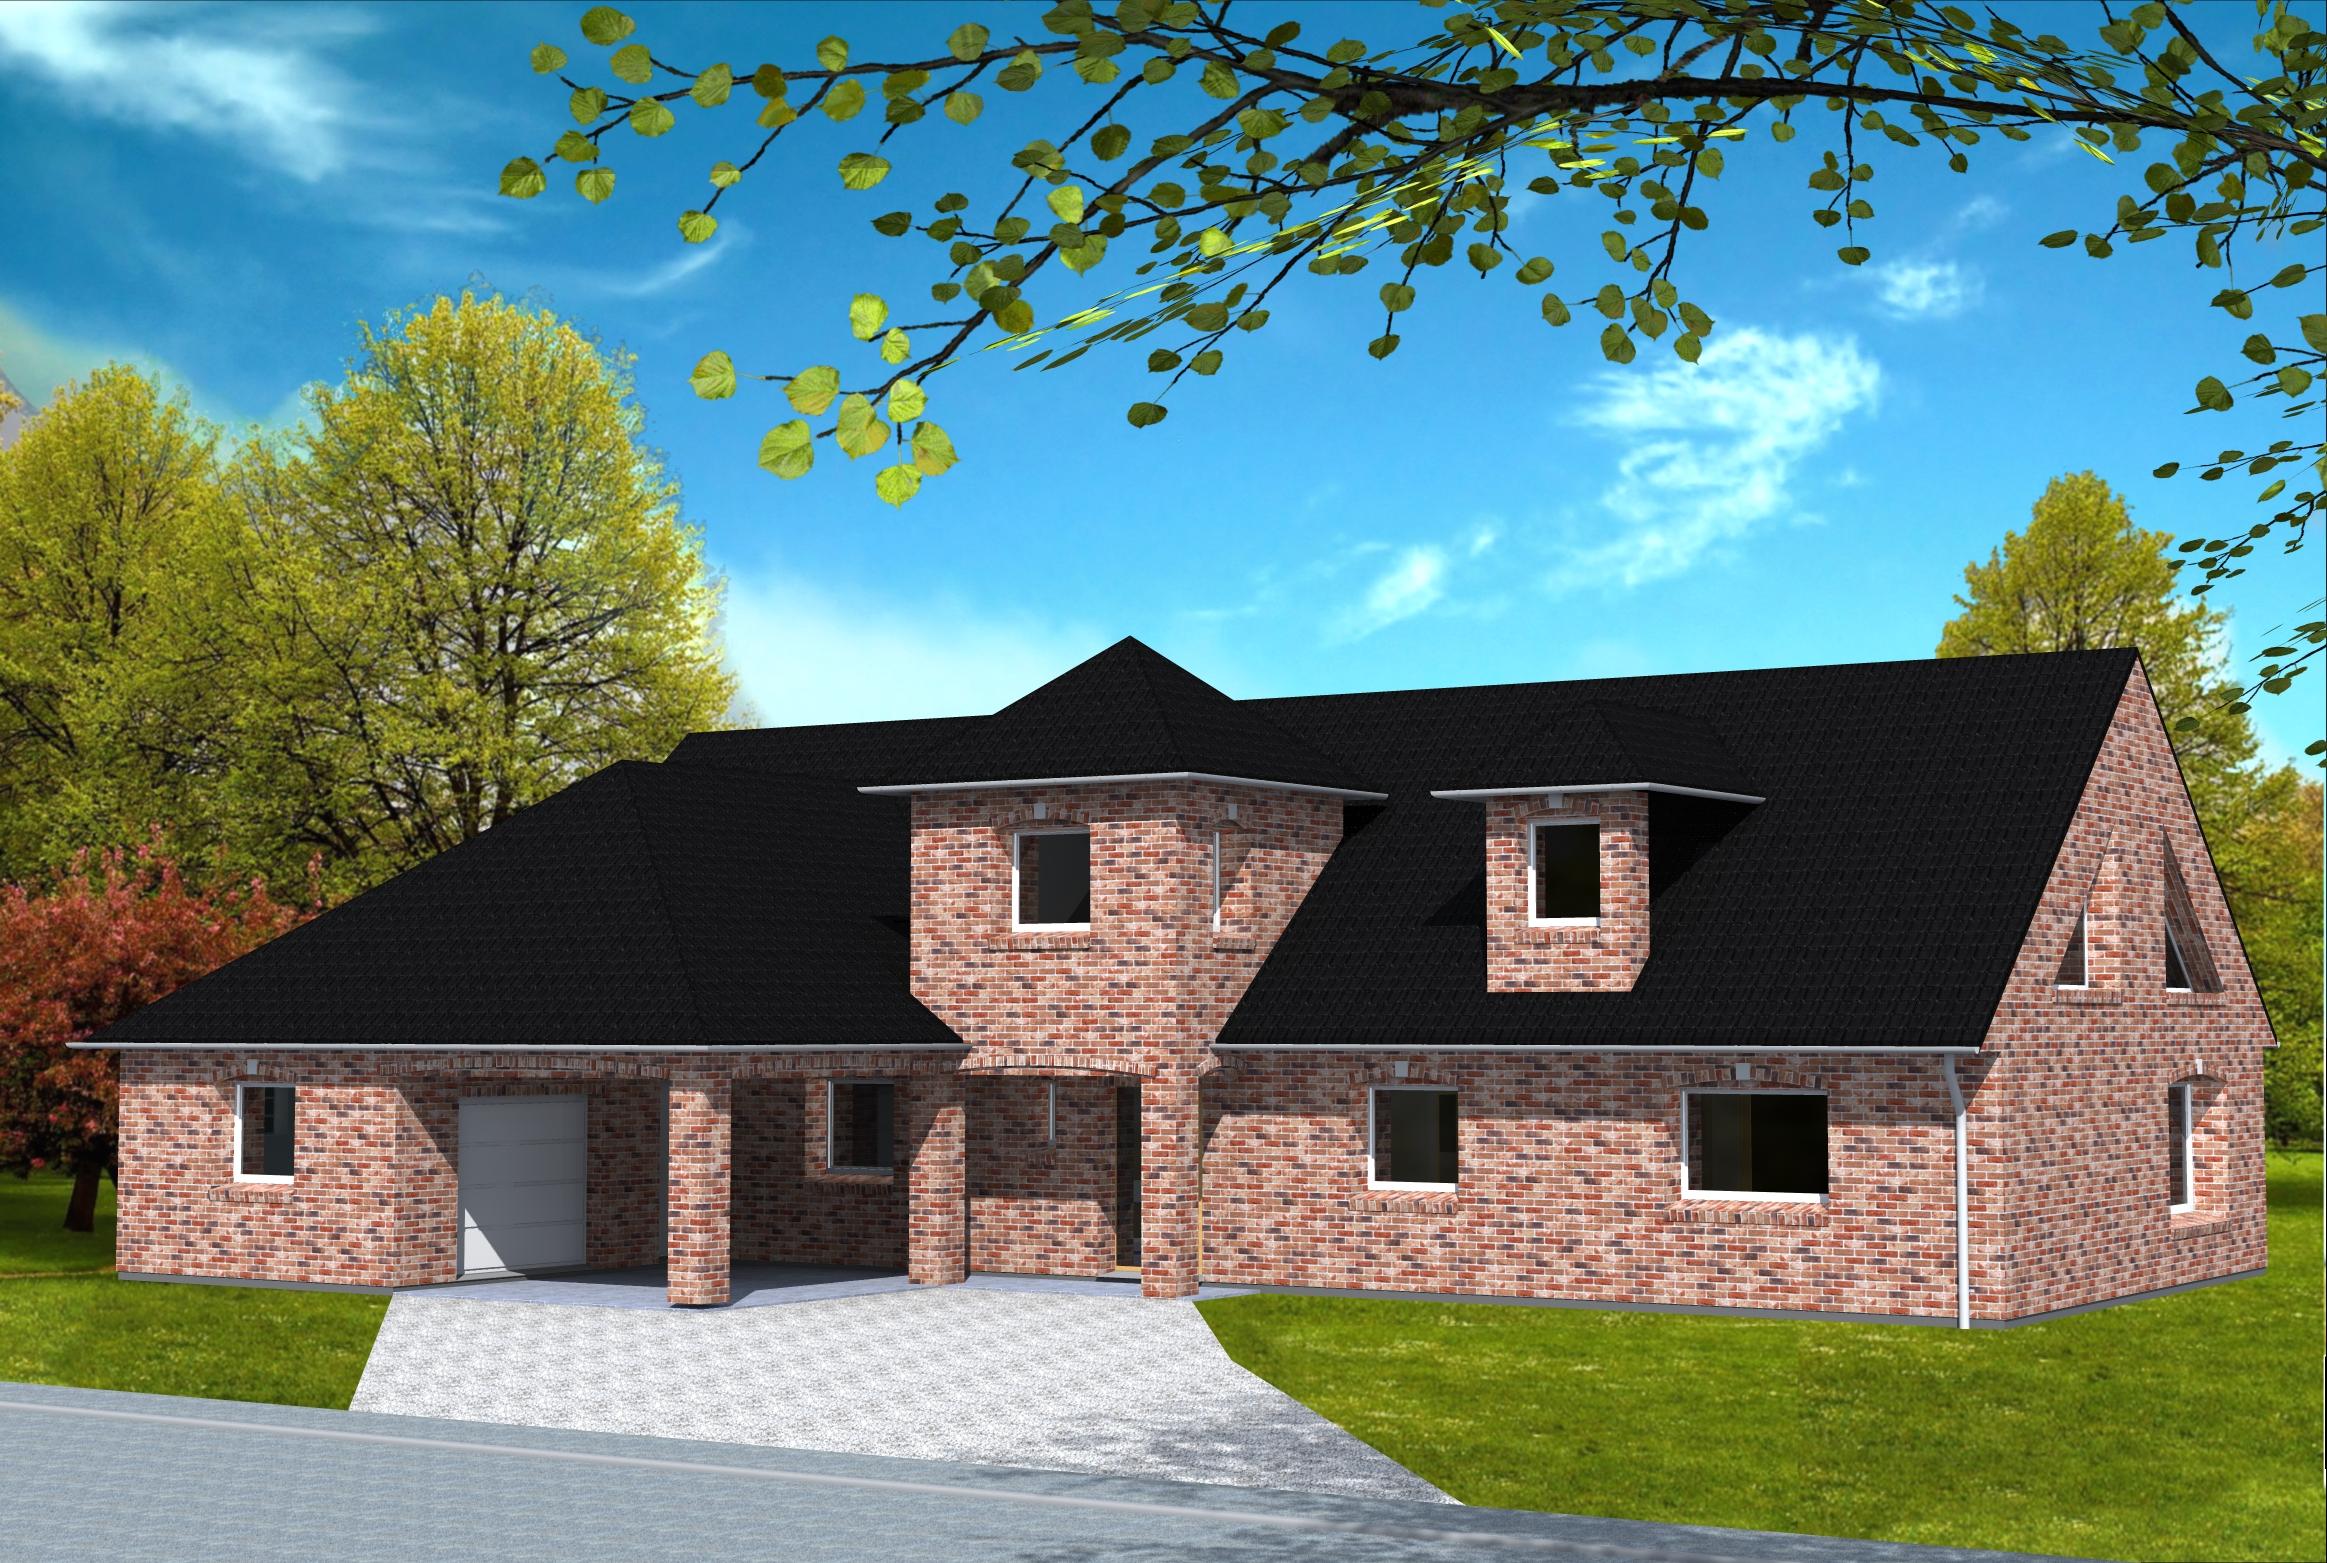 maison avec tour yohann baheux ma tre d 39 oeuvre permis de construire 59 62. Black Bedroom Furniture Sets. Home Design Ideas